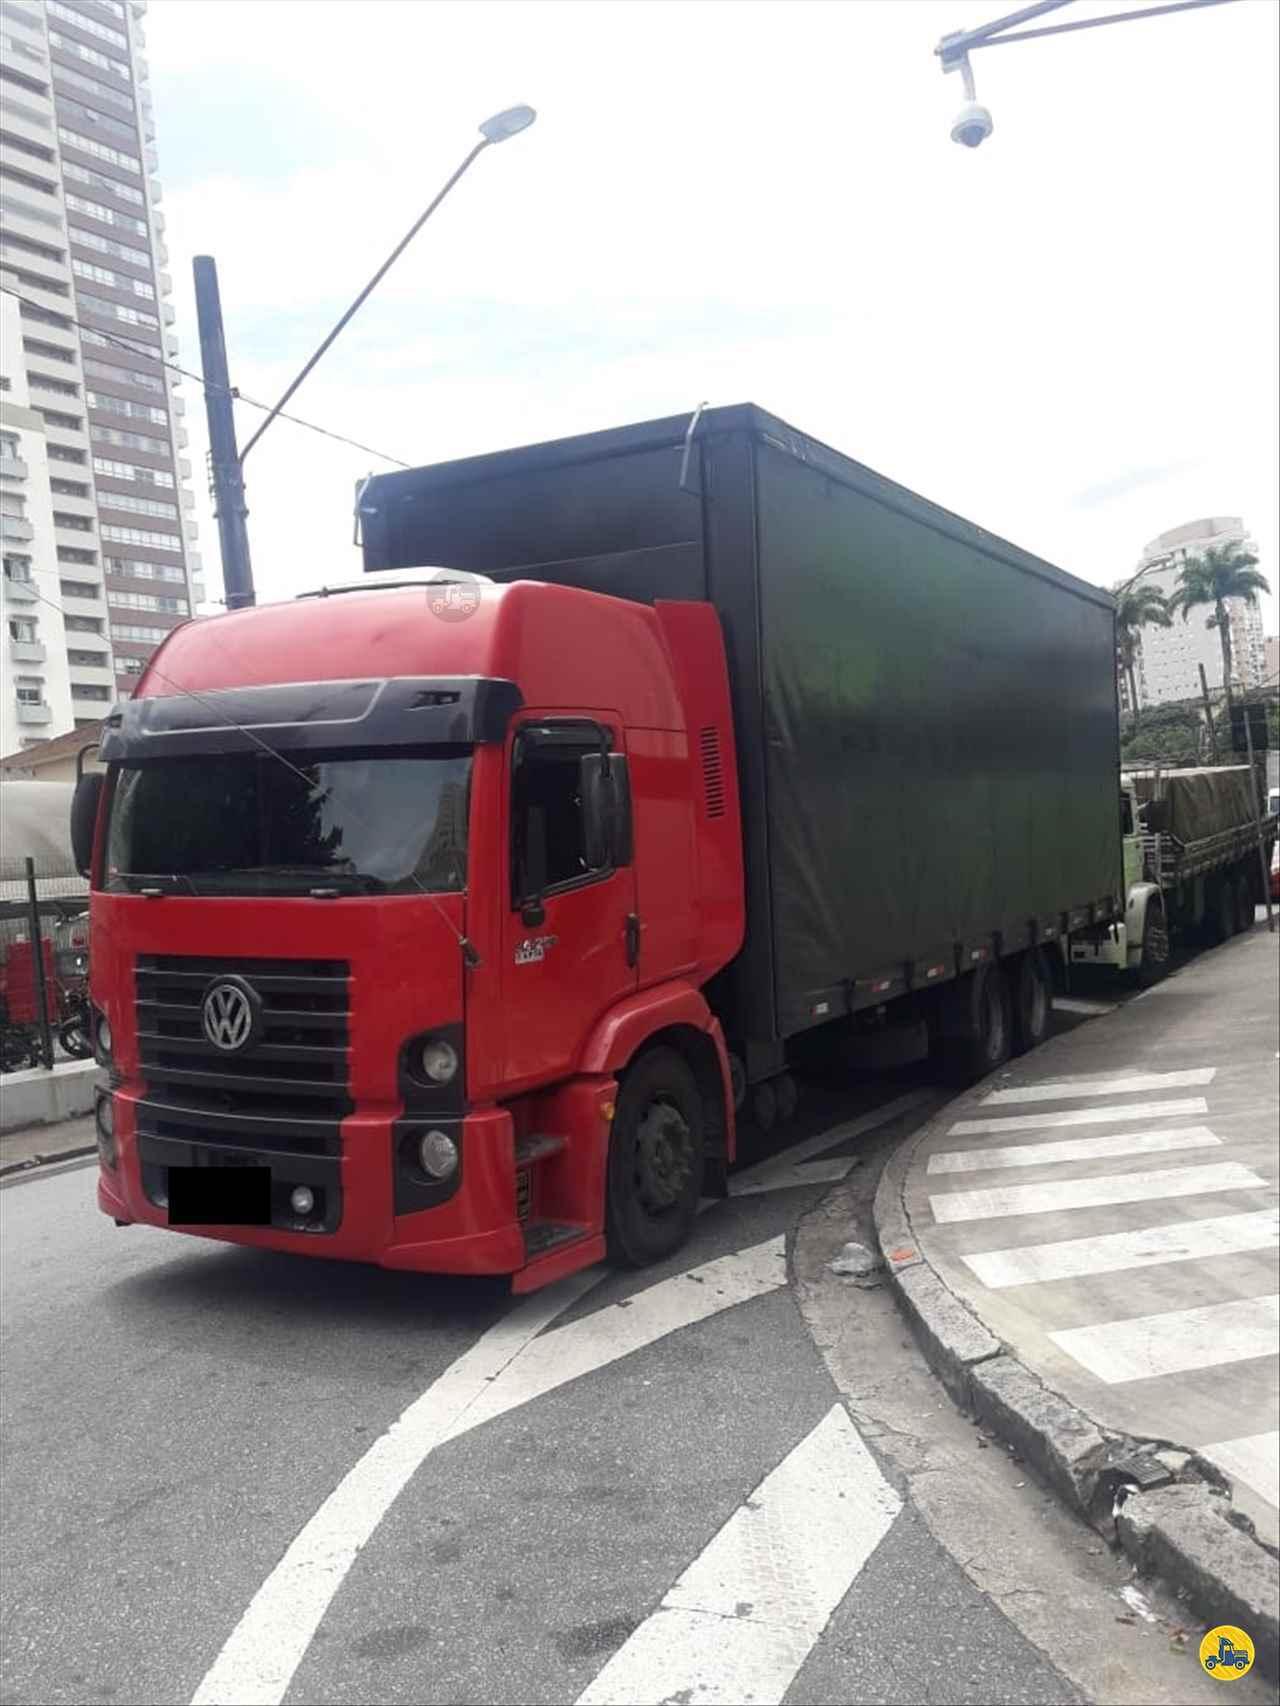 CAMINHAO VOLKSWAGEN VW 24250 Chassis Truck 6x2 Wilson Caminhões RIBEIRAO PIRES SÃO PAULO SP